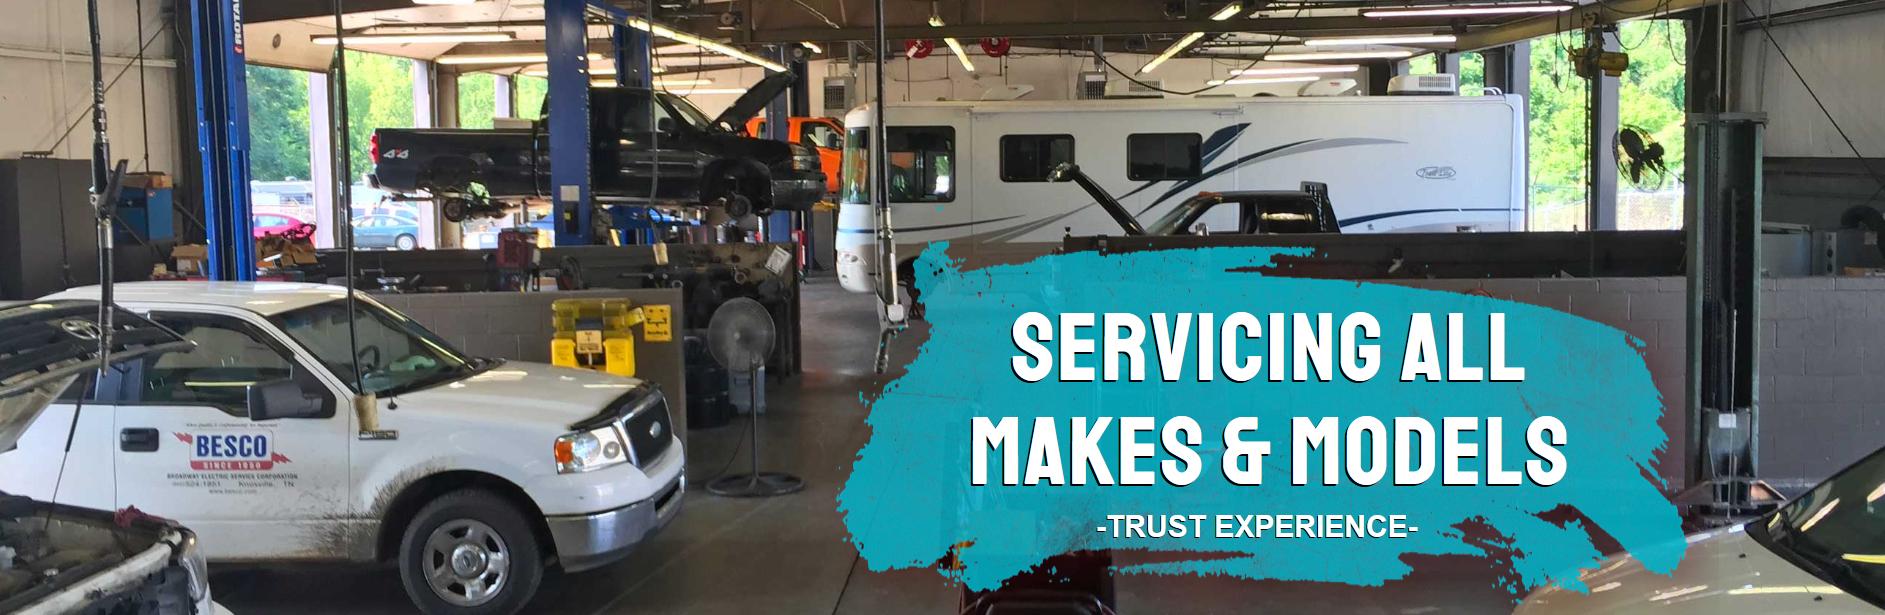 Link Automotive Services image 2